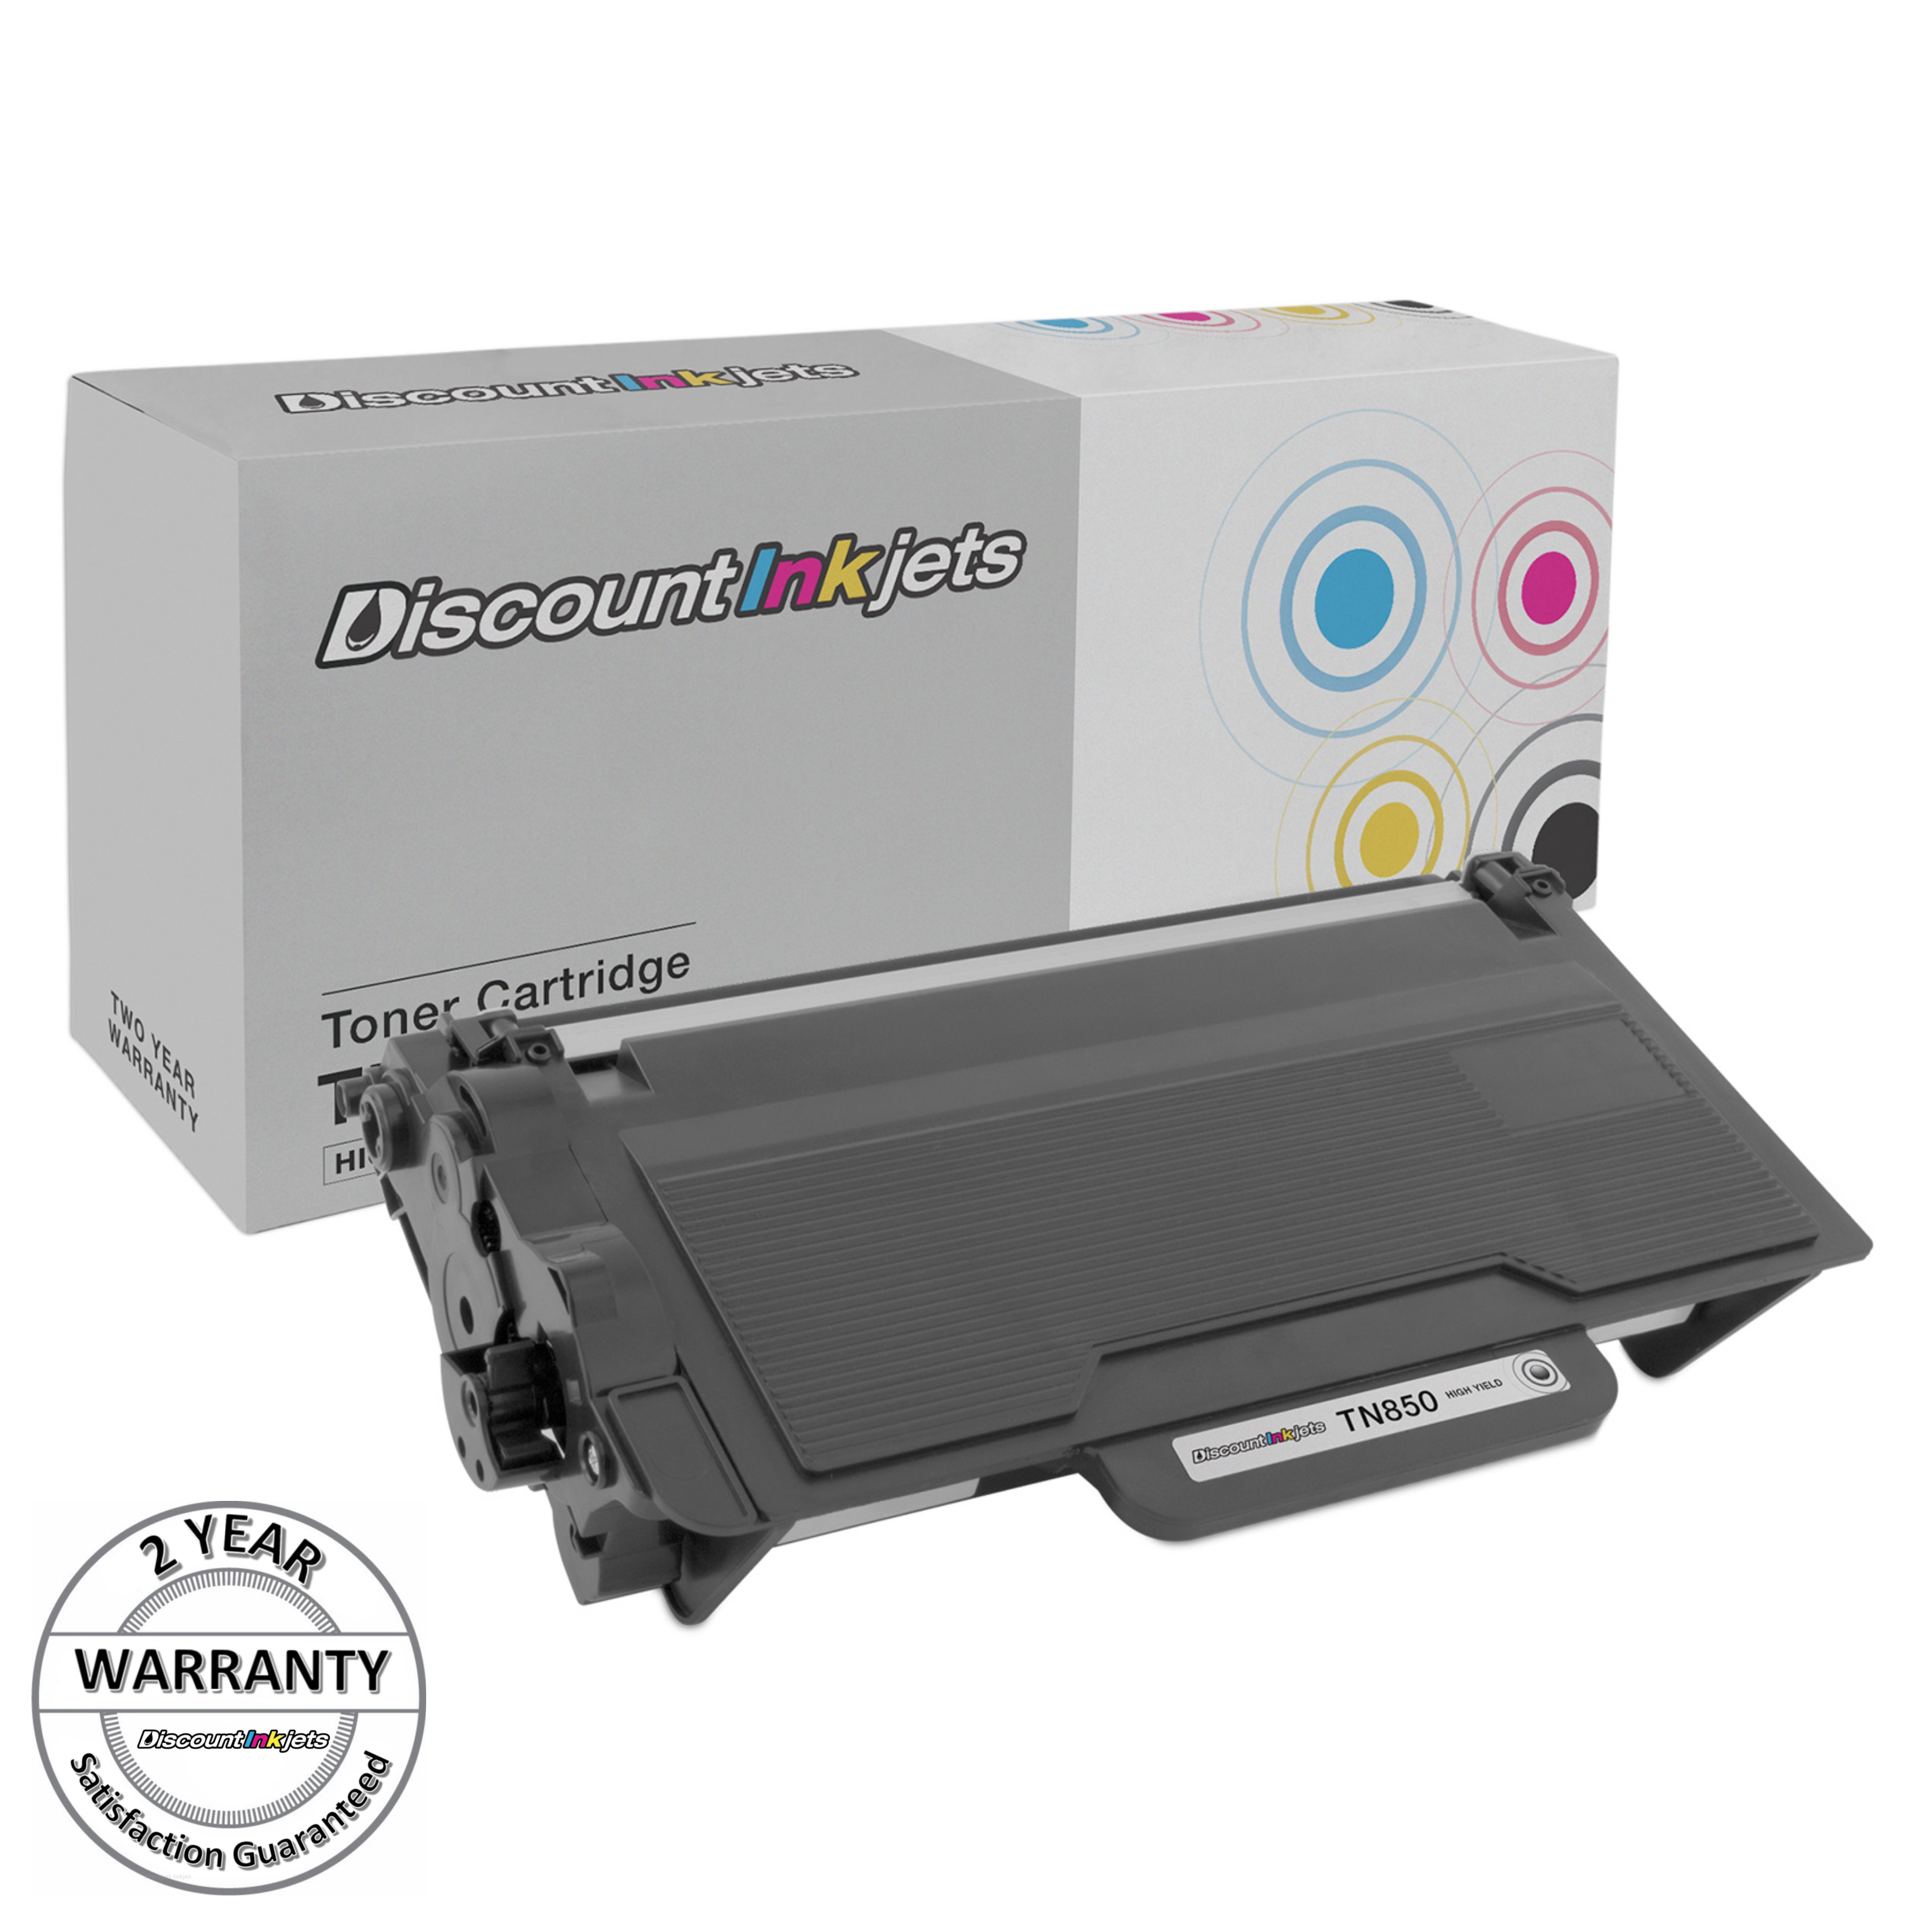 2 Black Toner Cartridge TN850 For Brother TN-850 MFC-L6900DW HL-L5200DW//L5200DWT